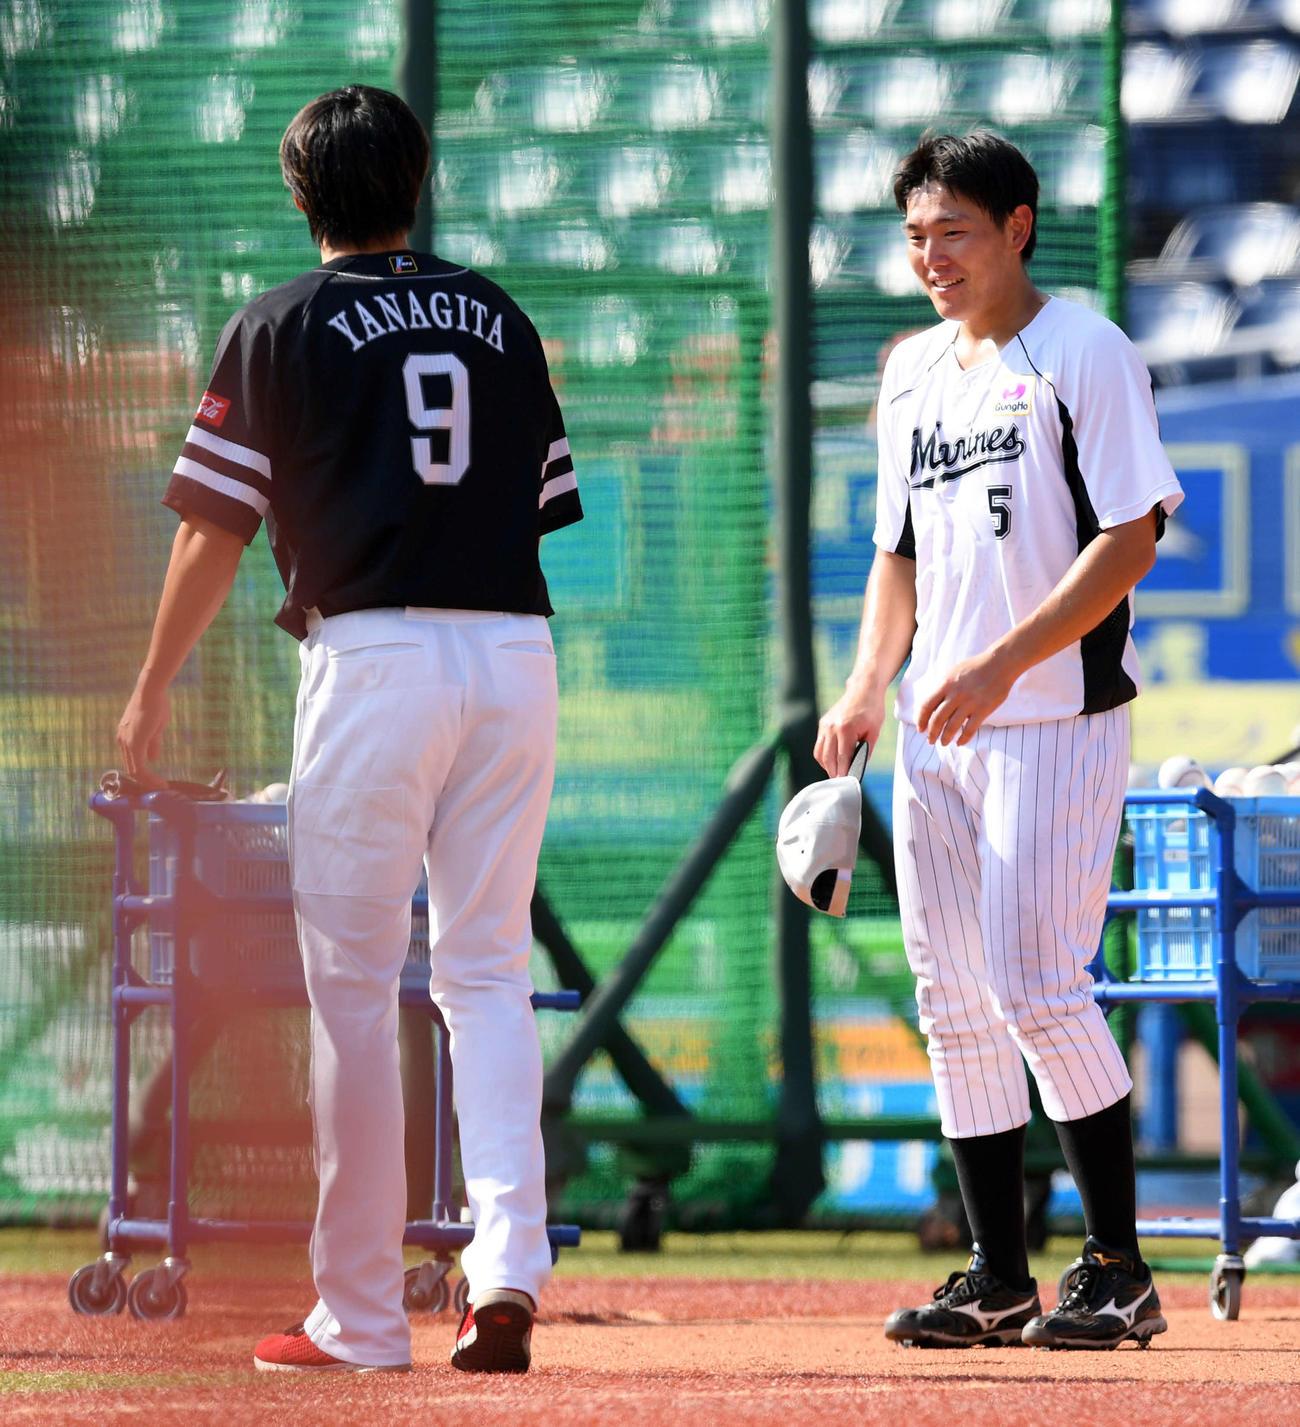 ソフトバンク柳田(左)にあいさつするロッテ安田(2020年8月18日撮影)